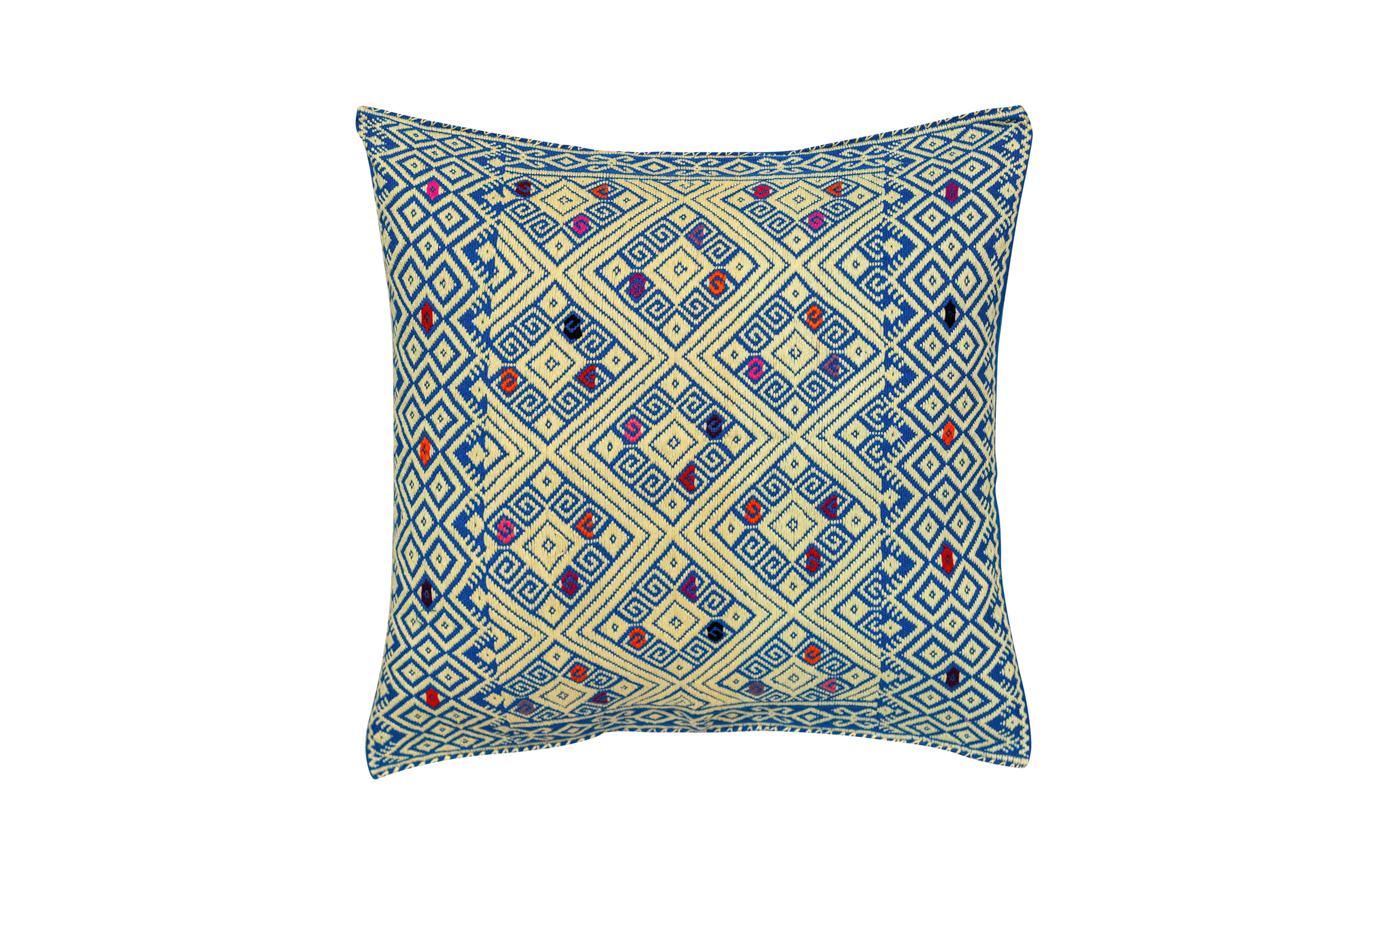 Cojín Mexicano en algodón con patrones geométricos-gris